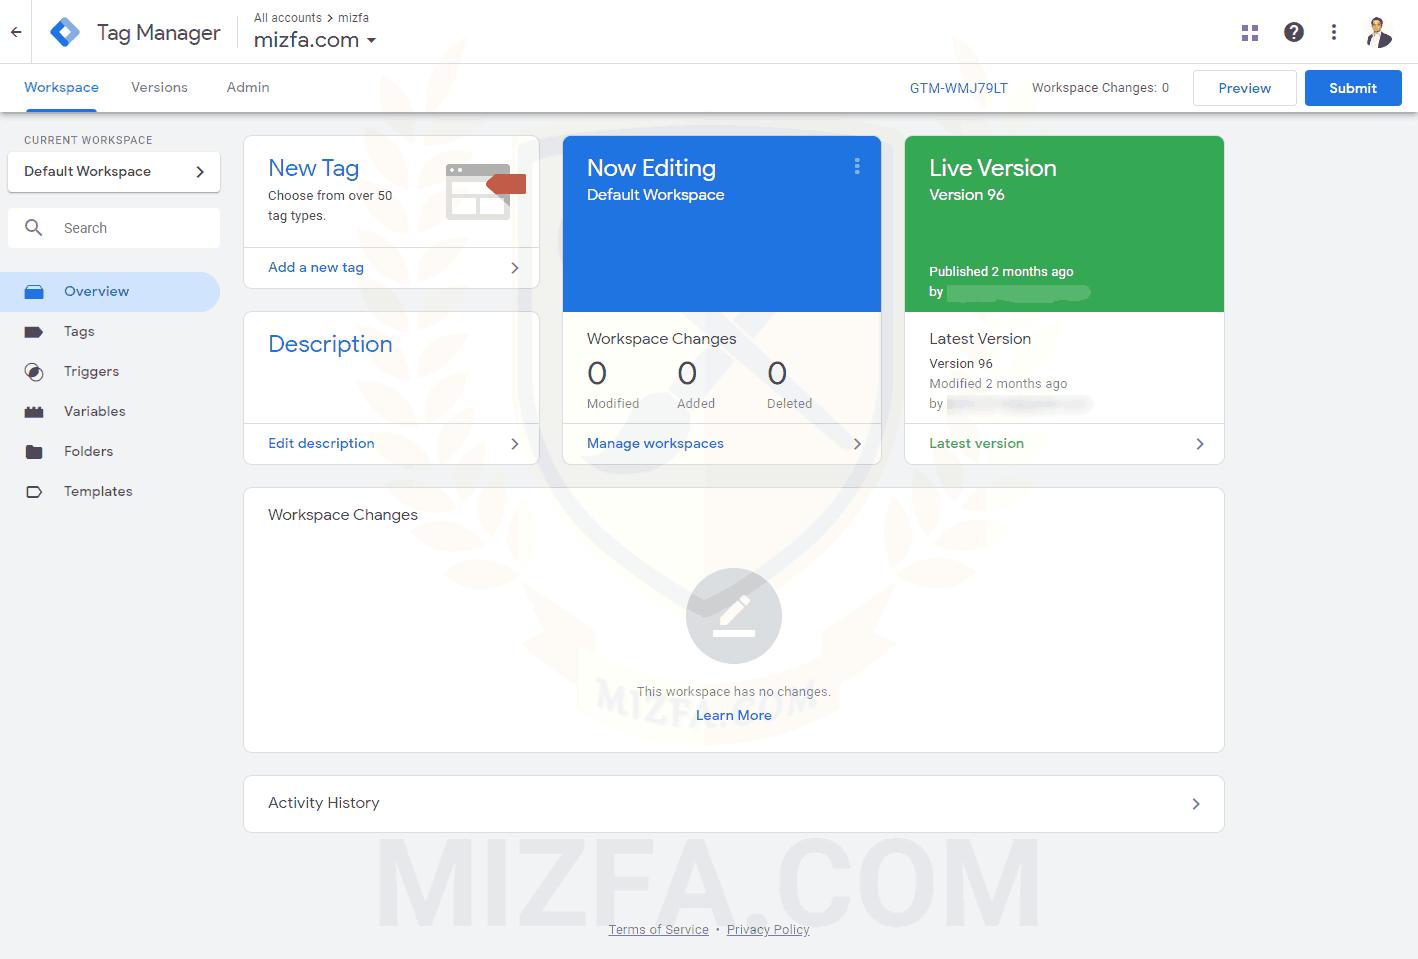 محیطی از ابزار gtm برای تحلیل و بررسی سایت خود